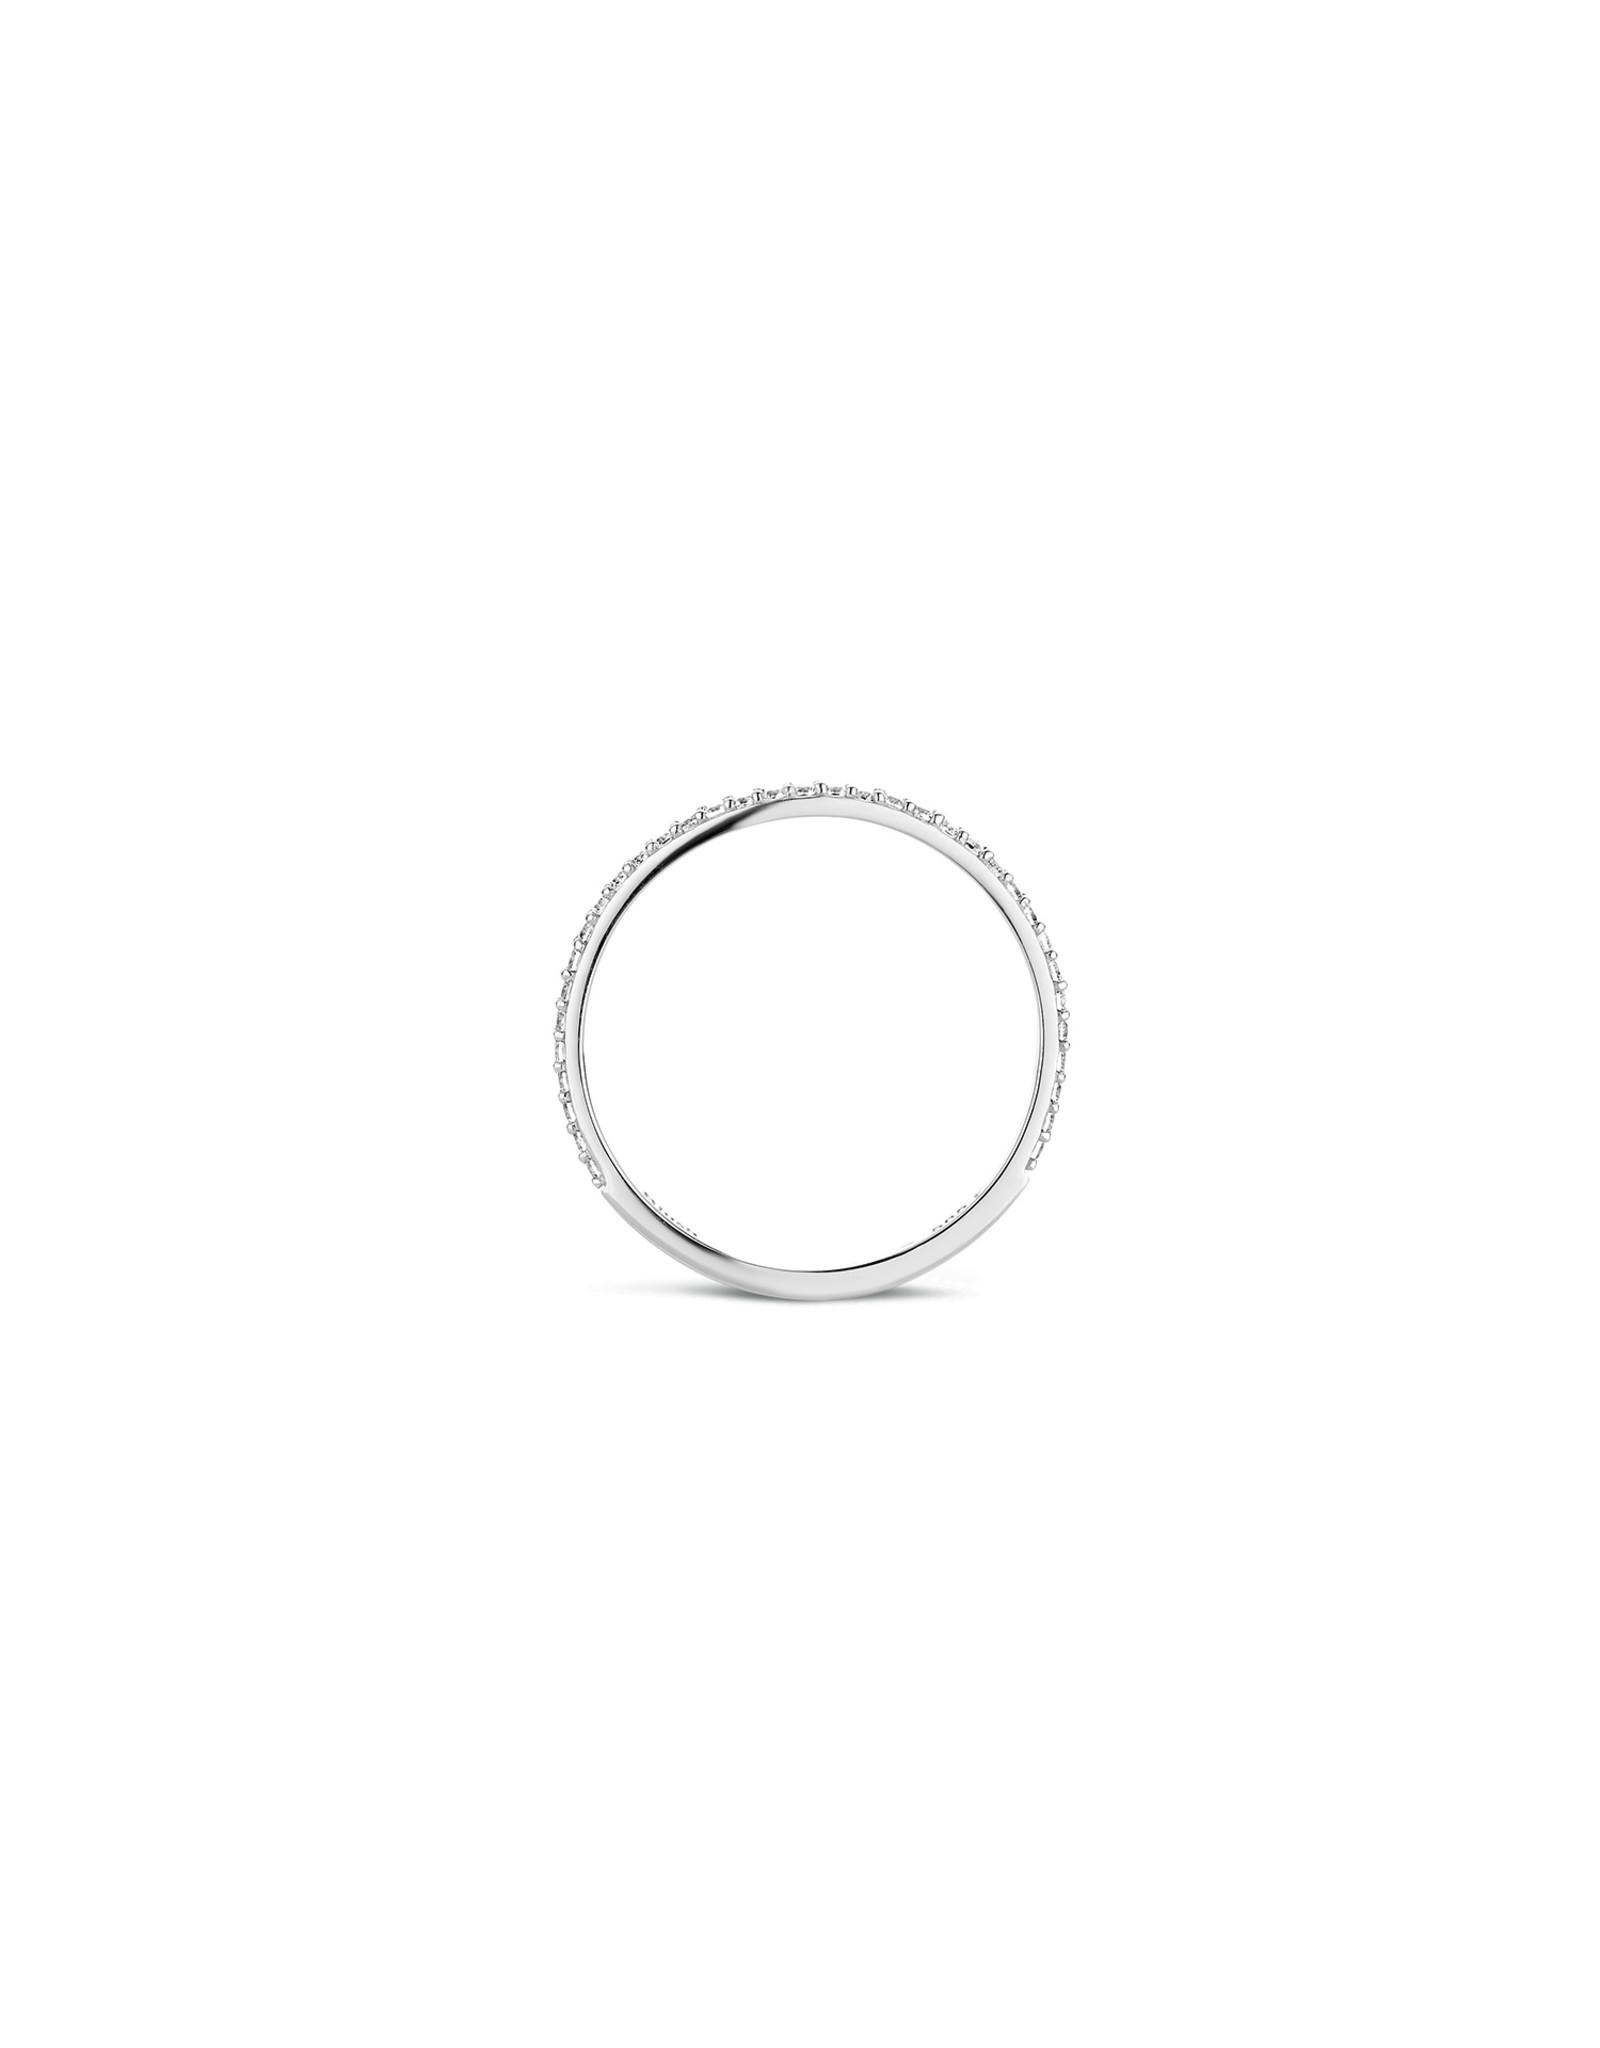 Blush Ring wit goud 14kt 1201WZI zircoon maat 52